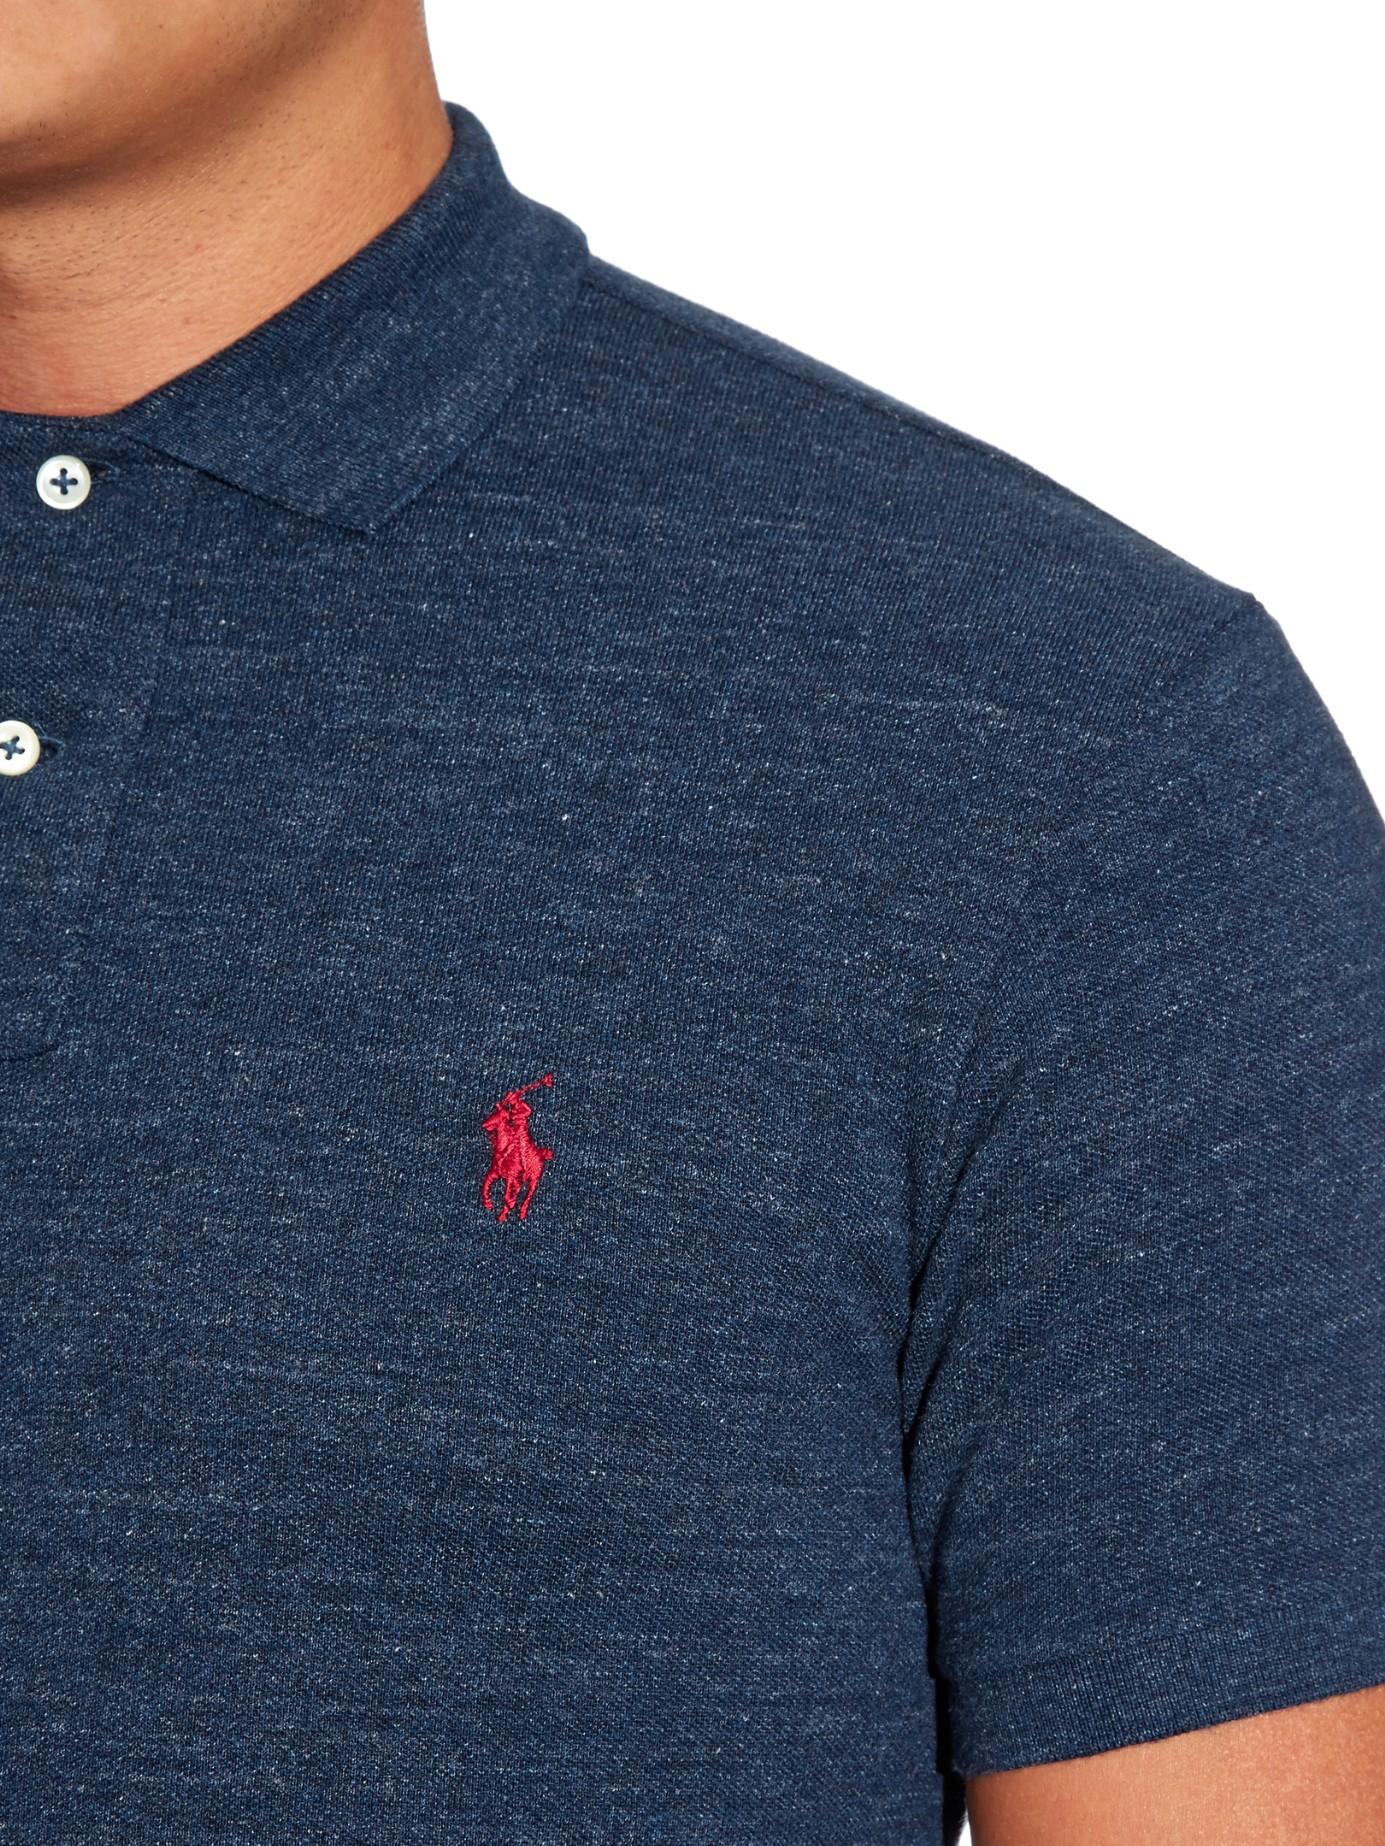 Shirt Fit Polo Cotton Men Ralph Slim Blue Piqué Lauren For Qrhtsd